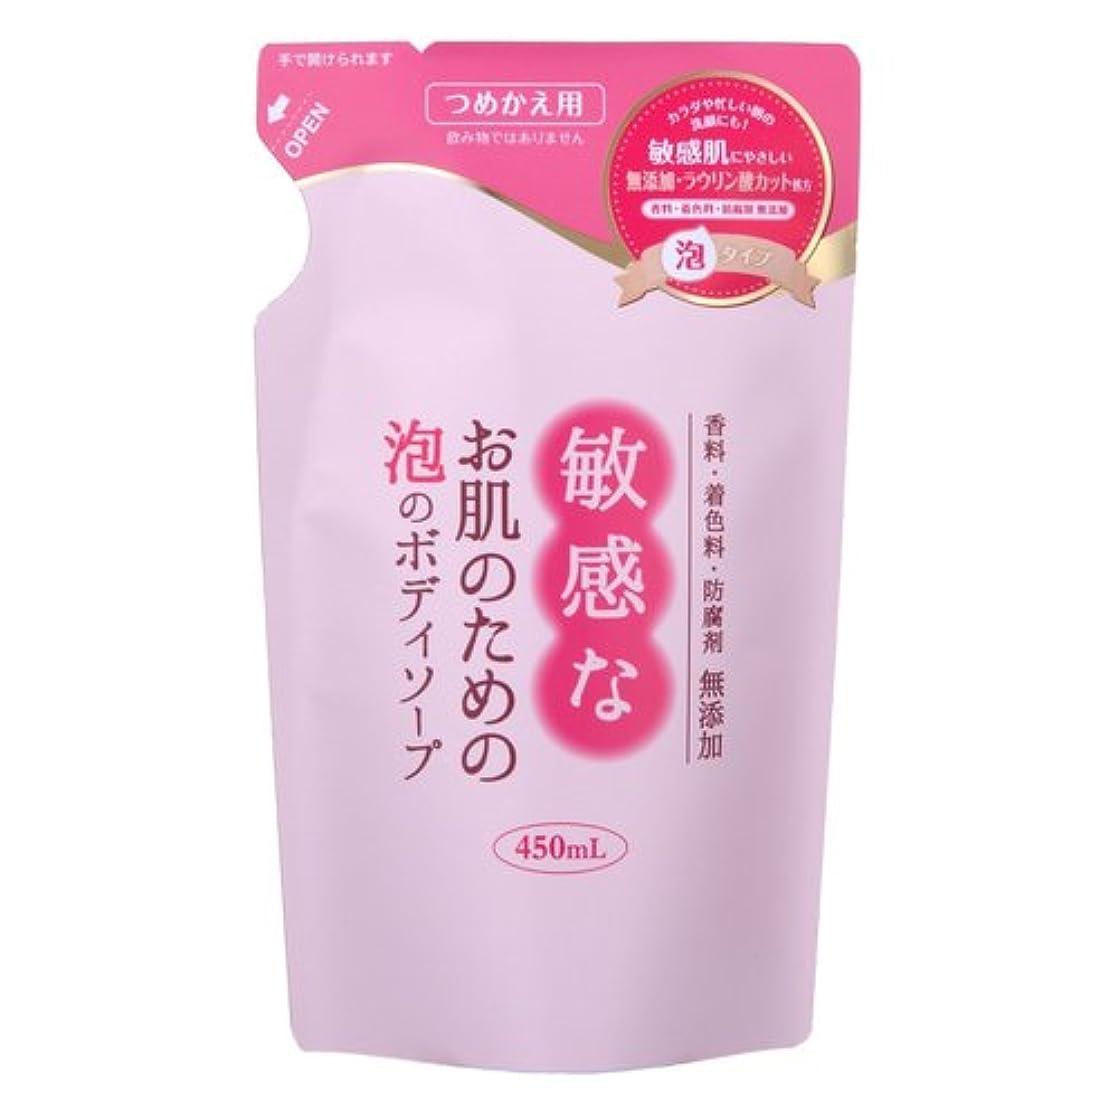 単位クライマックスおばあさん敏感なお肌のための泡のボディソープ 詰替 450mL CBH-FBR